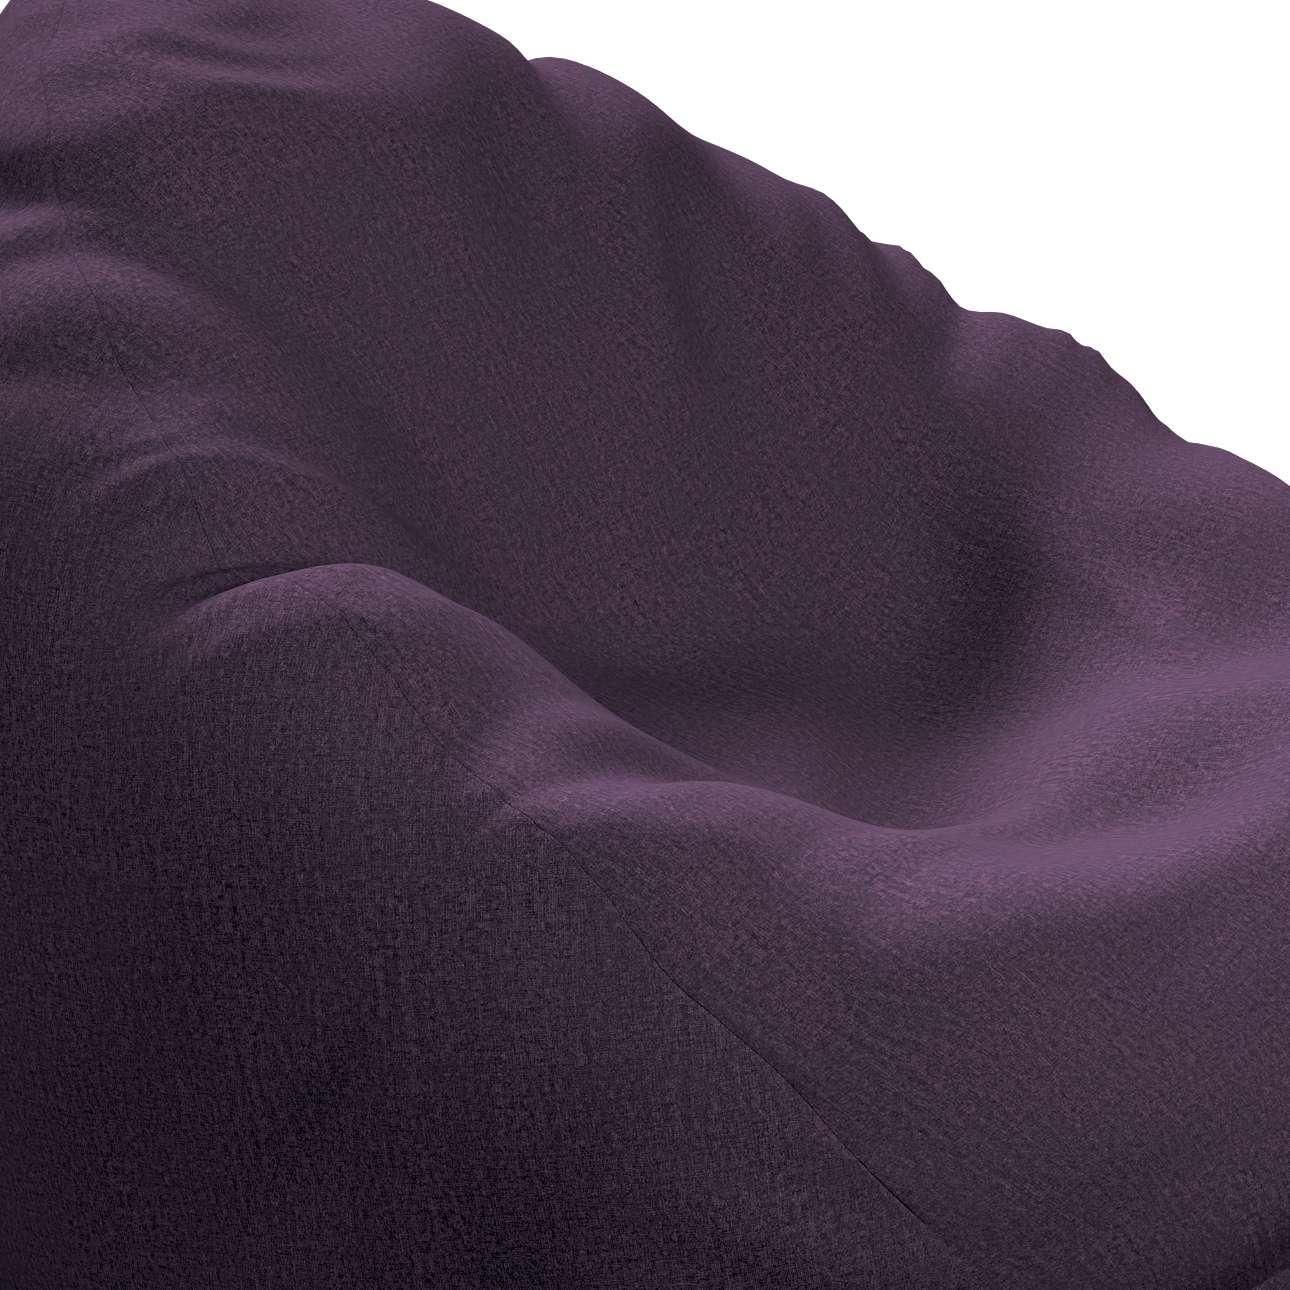 Pokrowiec na worek do siedzenia w kolekcji Living, tkanina: 161-67